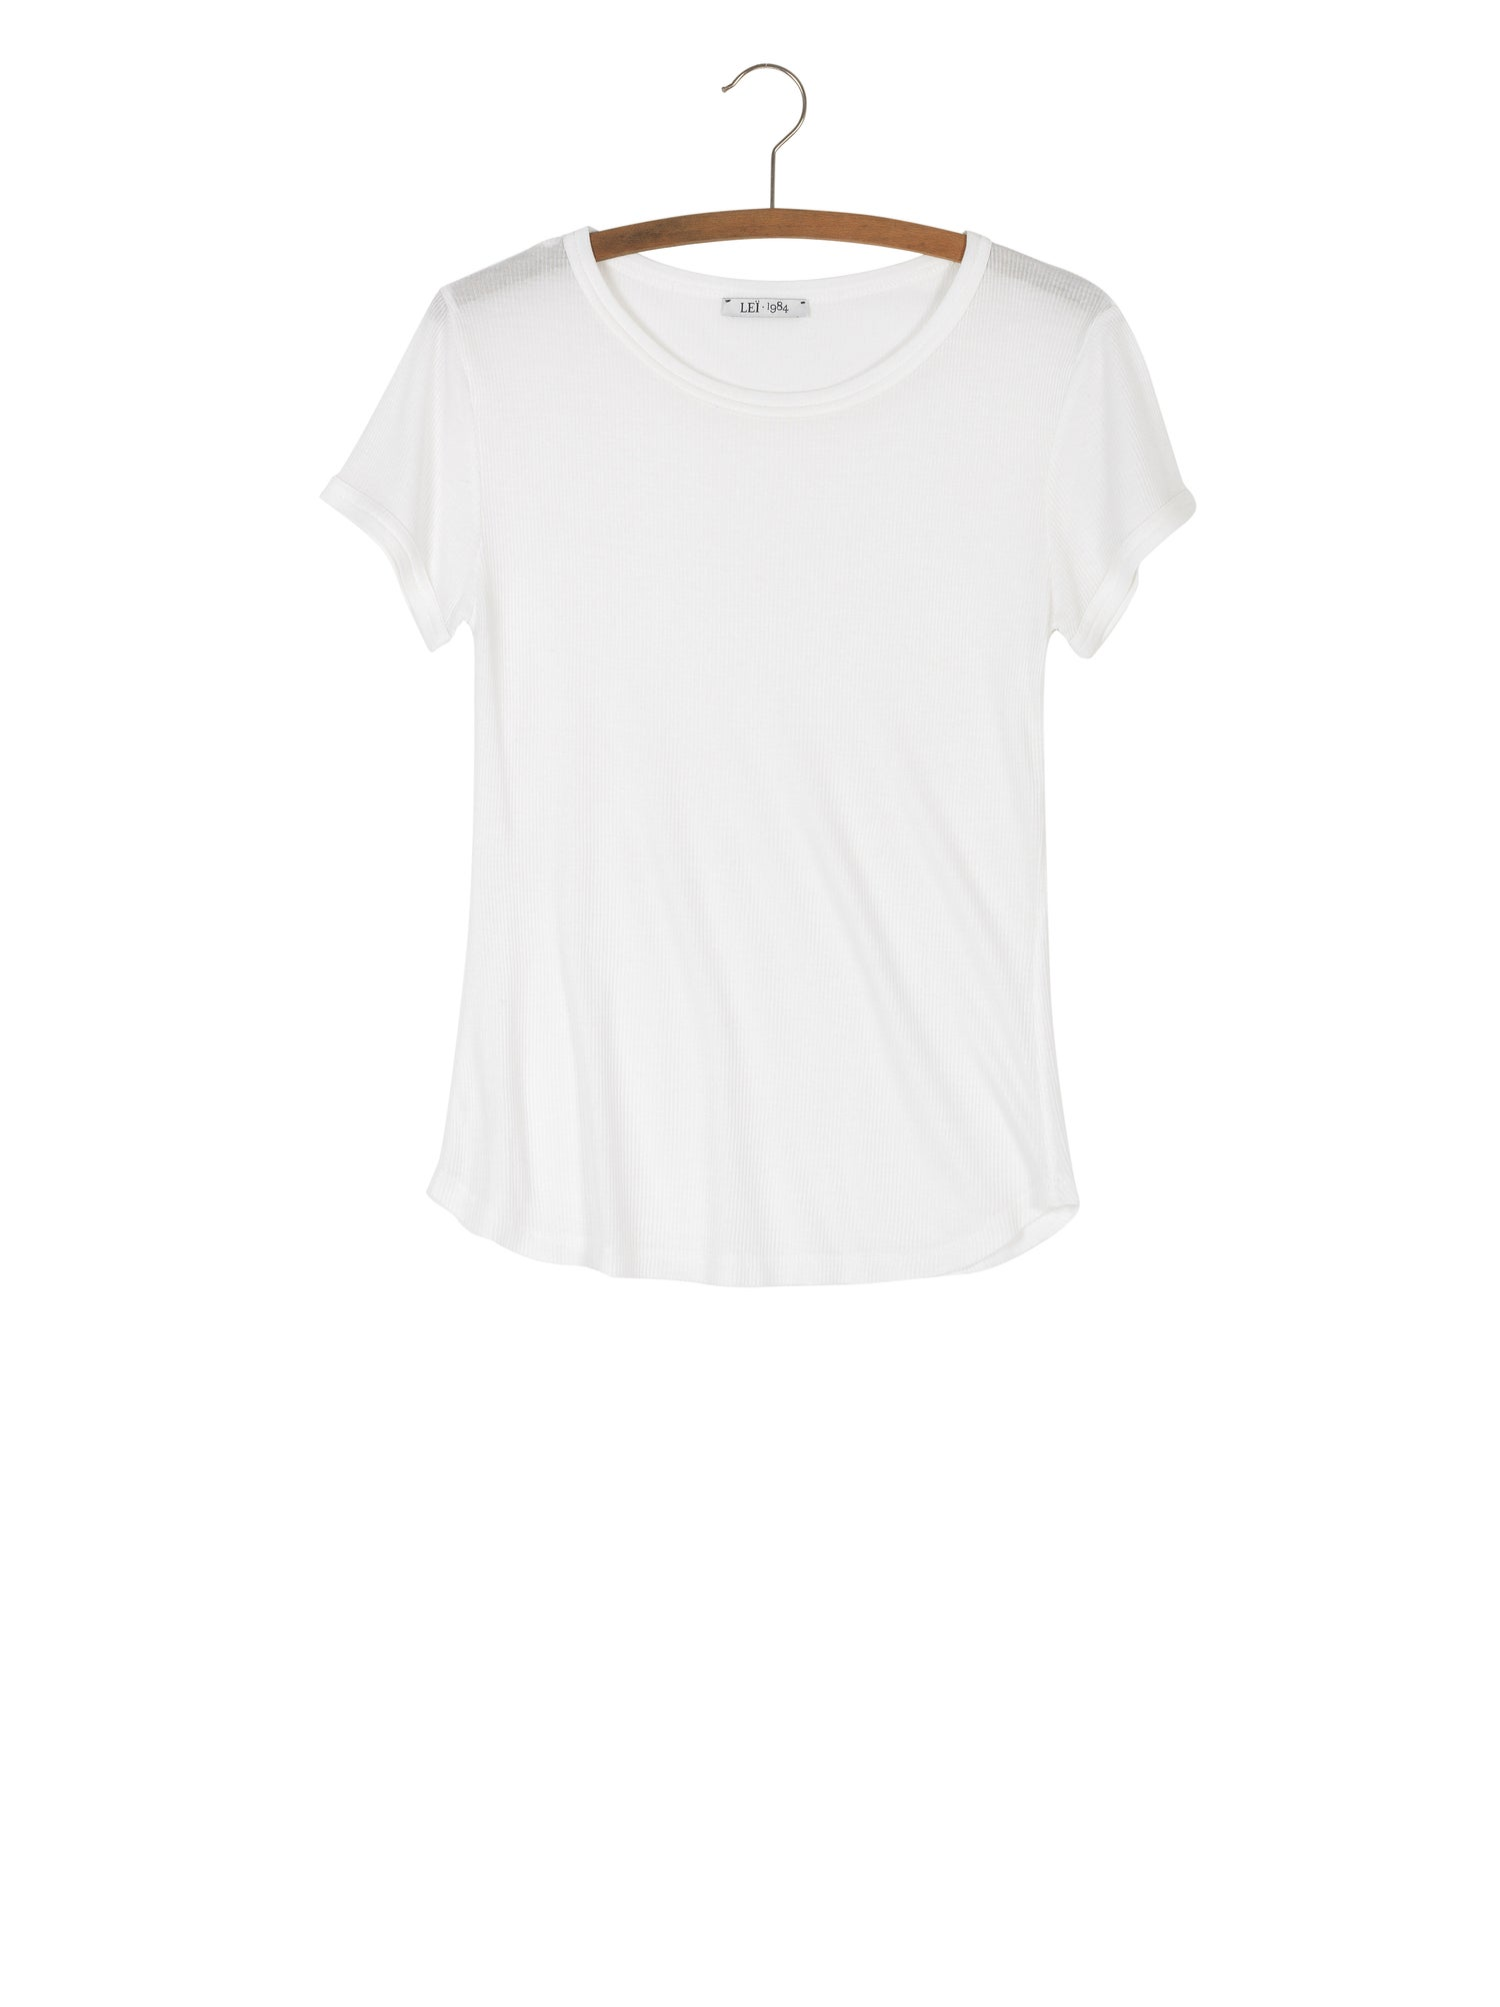 Image of Tee shirt Côtes NINA